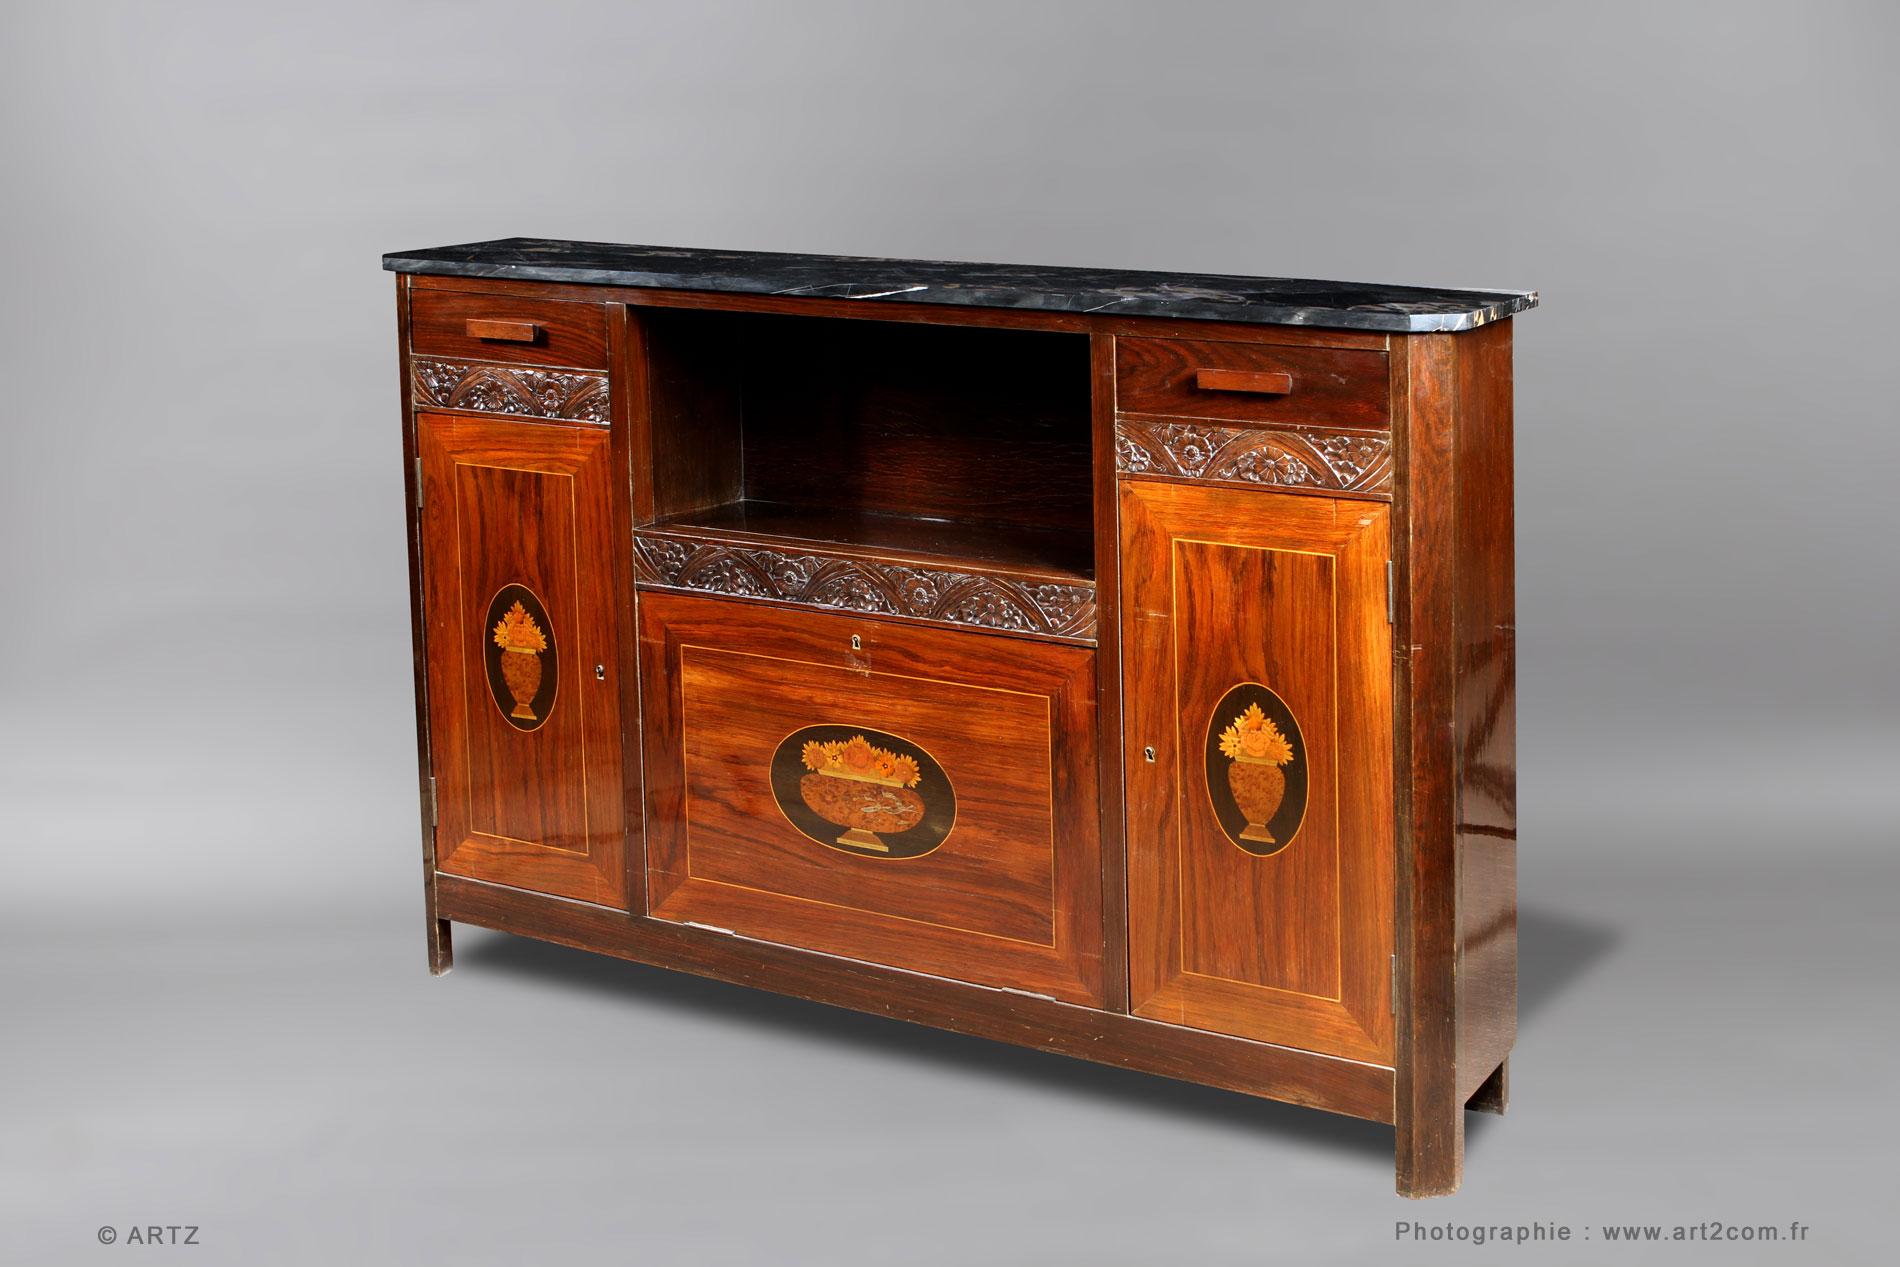 ARTZ spécialiste art déco, lustres, vases, coupes, meubles, bronzes ...